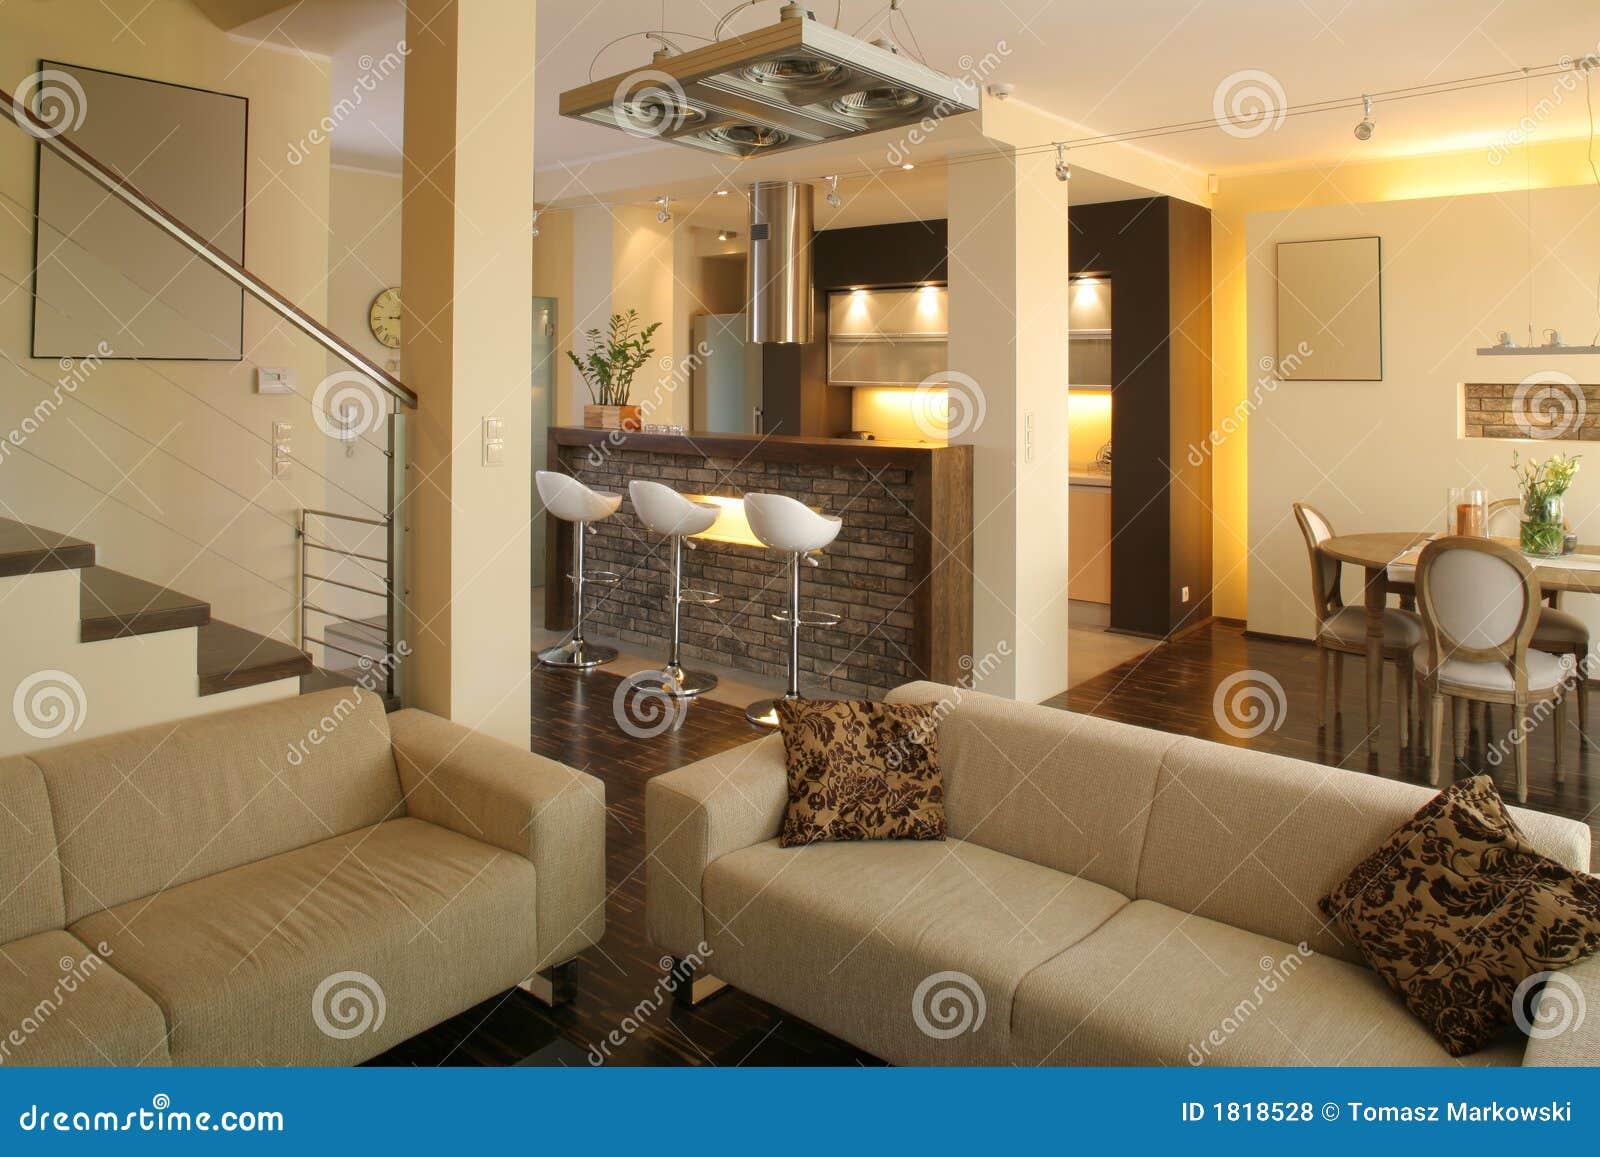 Sala de estar y cocina modernas fotos de archivo libres de for Sala de estar y cocina